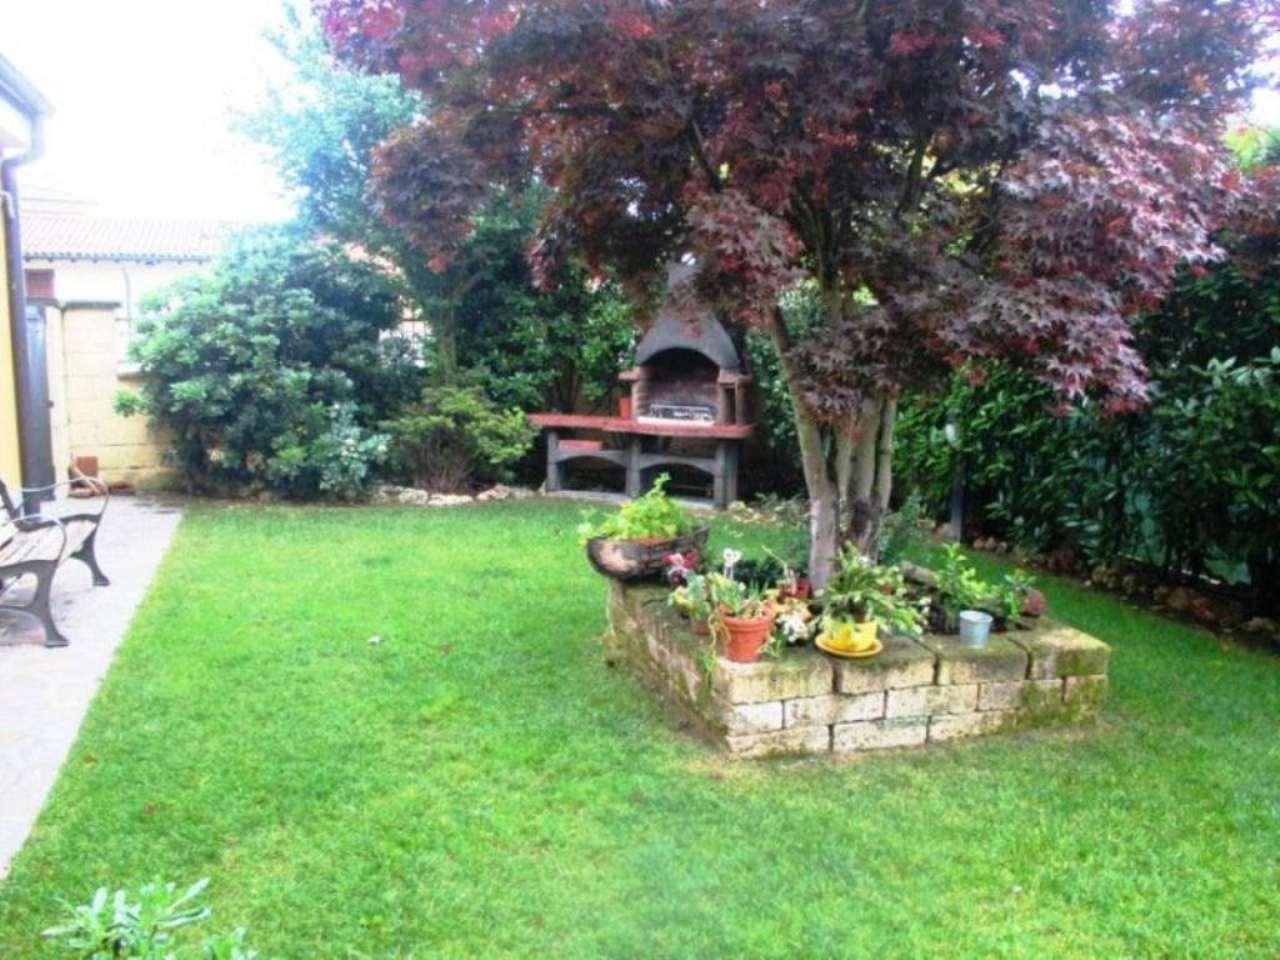 Villa in vendita a Marzano, 3 locali, prezzo € 220.000 | Cambio Casa.it